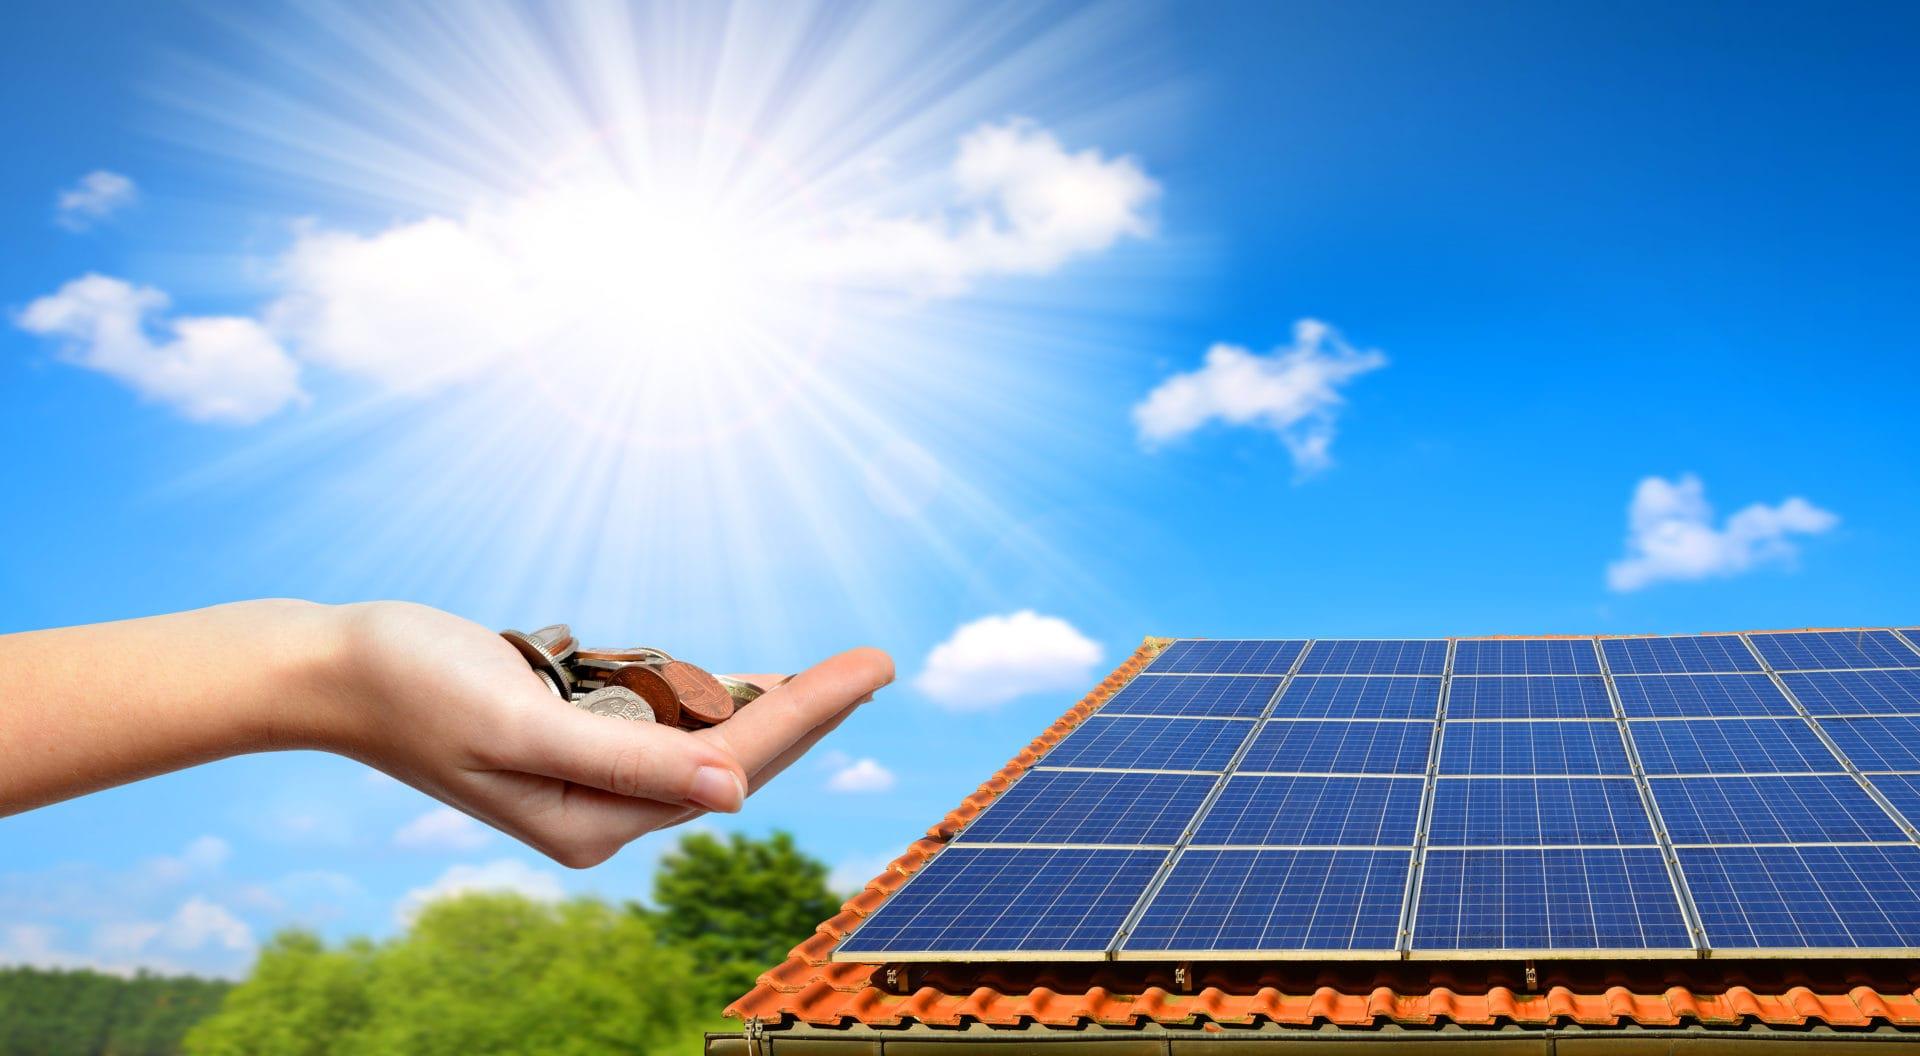 solaranlage hand sonne